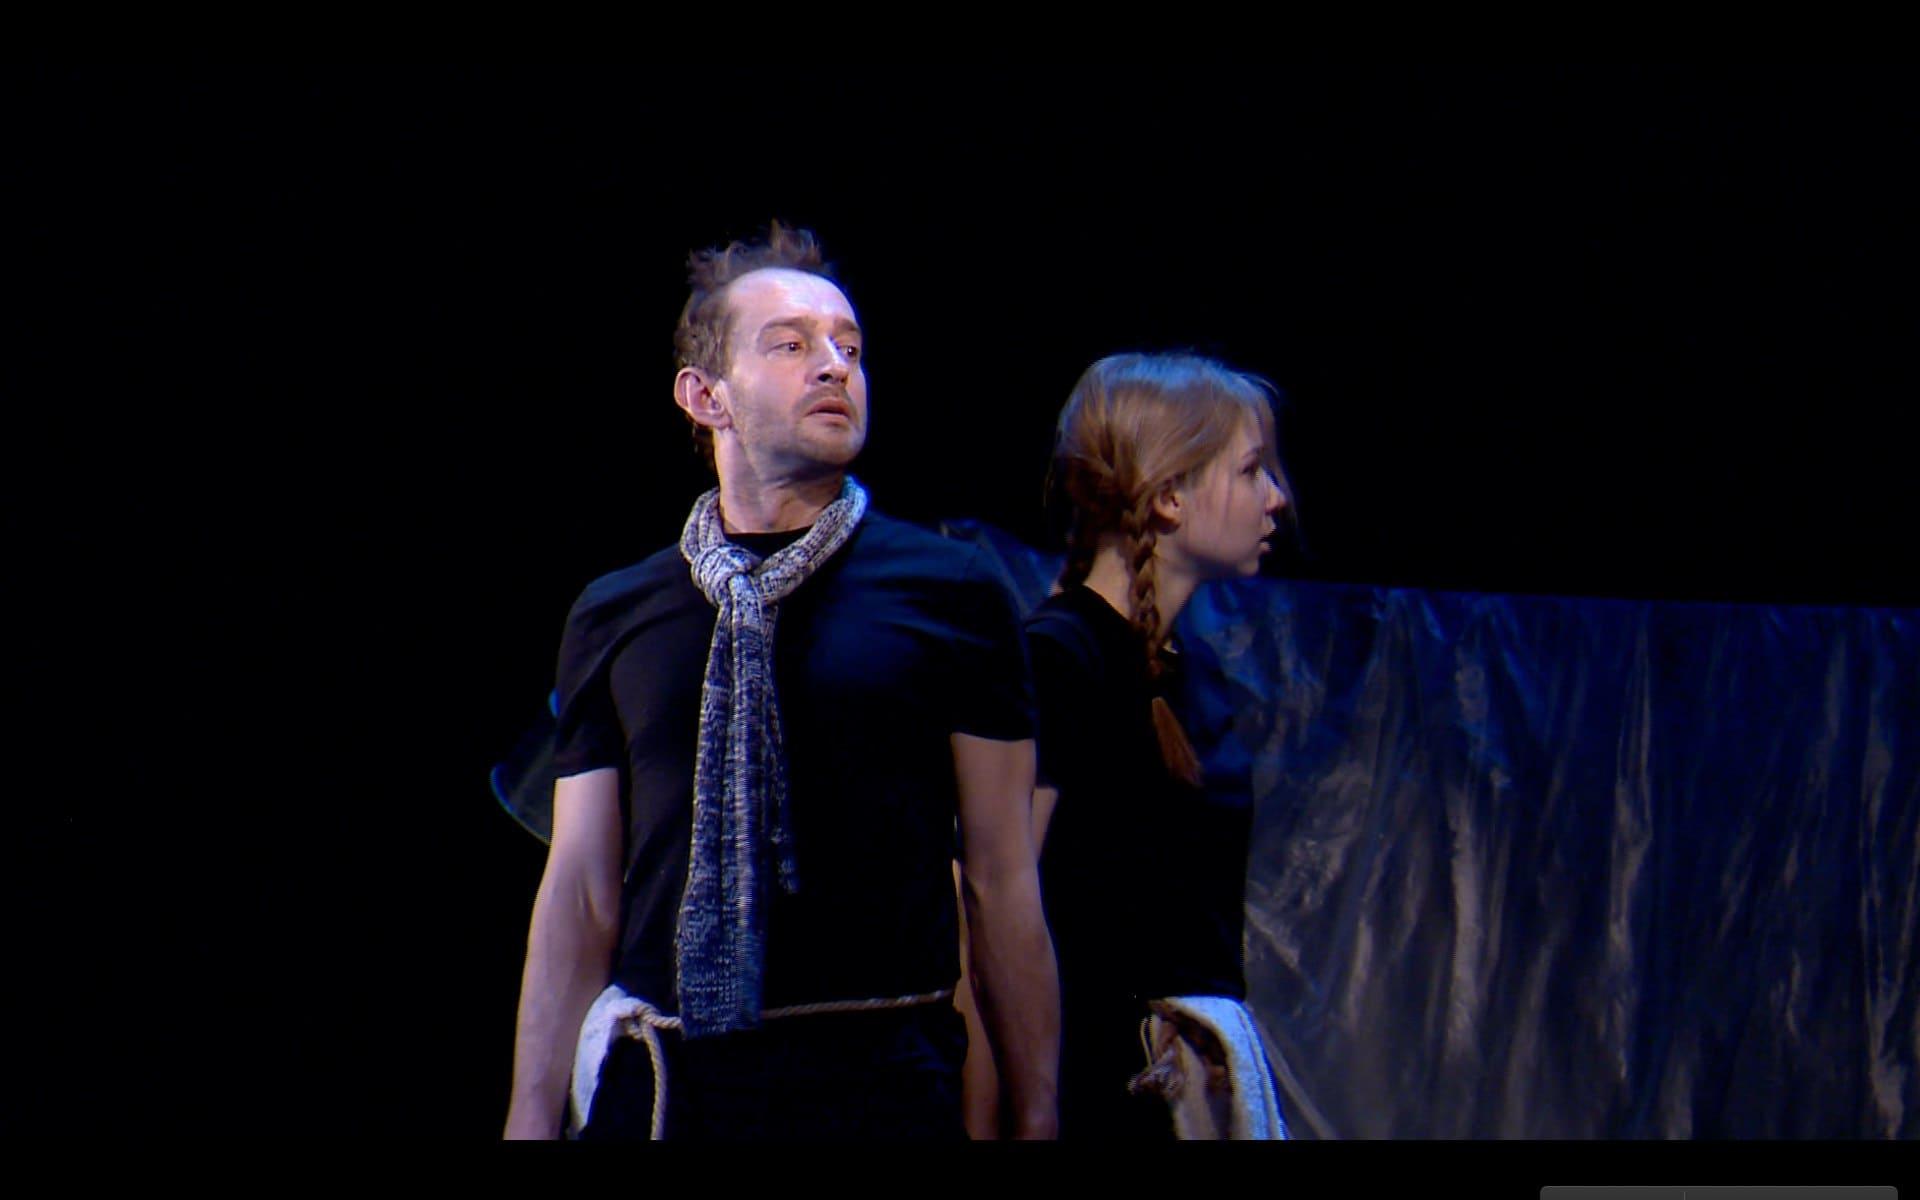 Благотворительный спектакль «Жить на Севере» с Константином Хабенкским